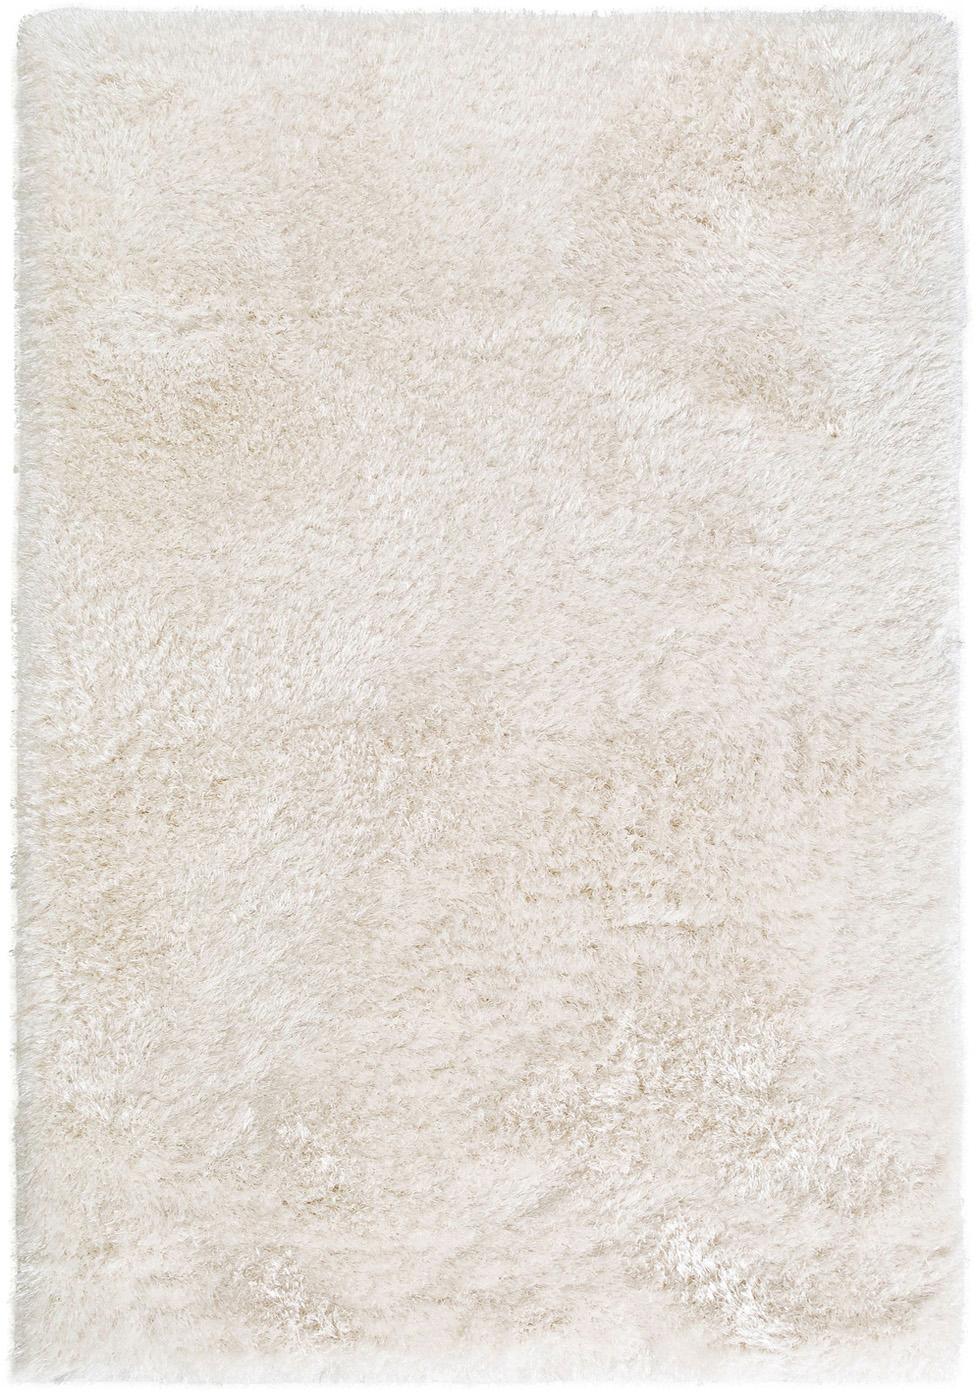 Glänzender Hochflor-Teppich Lea in Weiß, Flor: 50% Polyester, 50% Polypr, Weiß, B 140 x L 200 cm (Größe S)